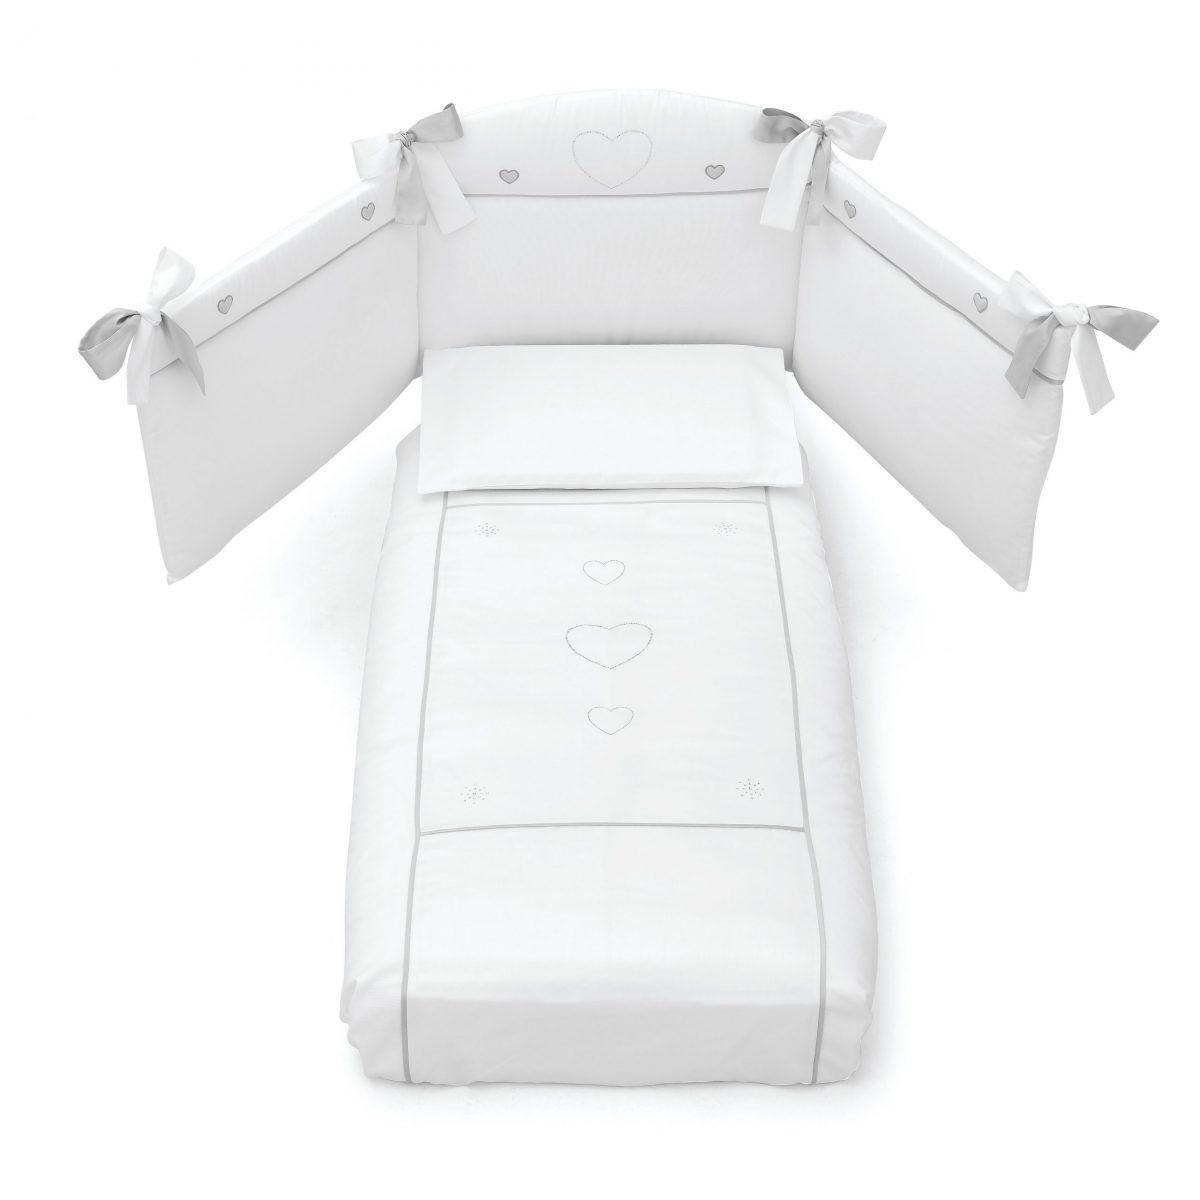 luxusní dětský nábytek - designové textilie Tessile